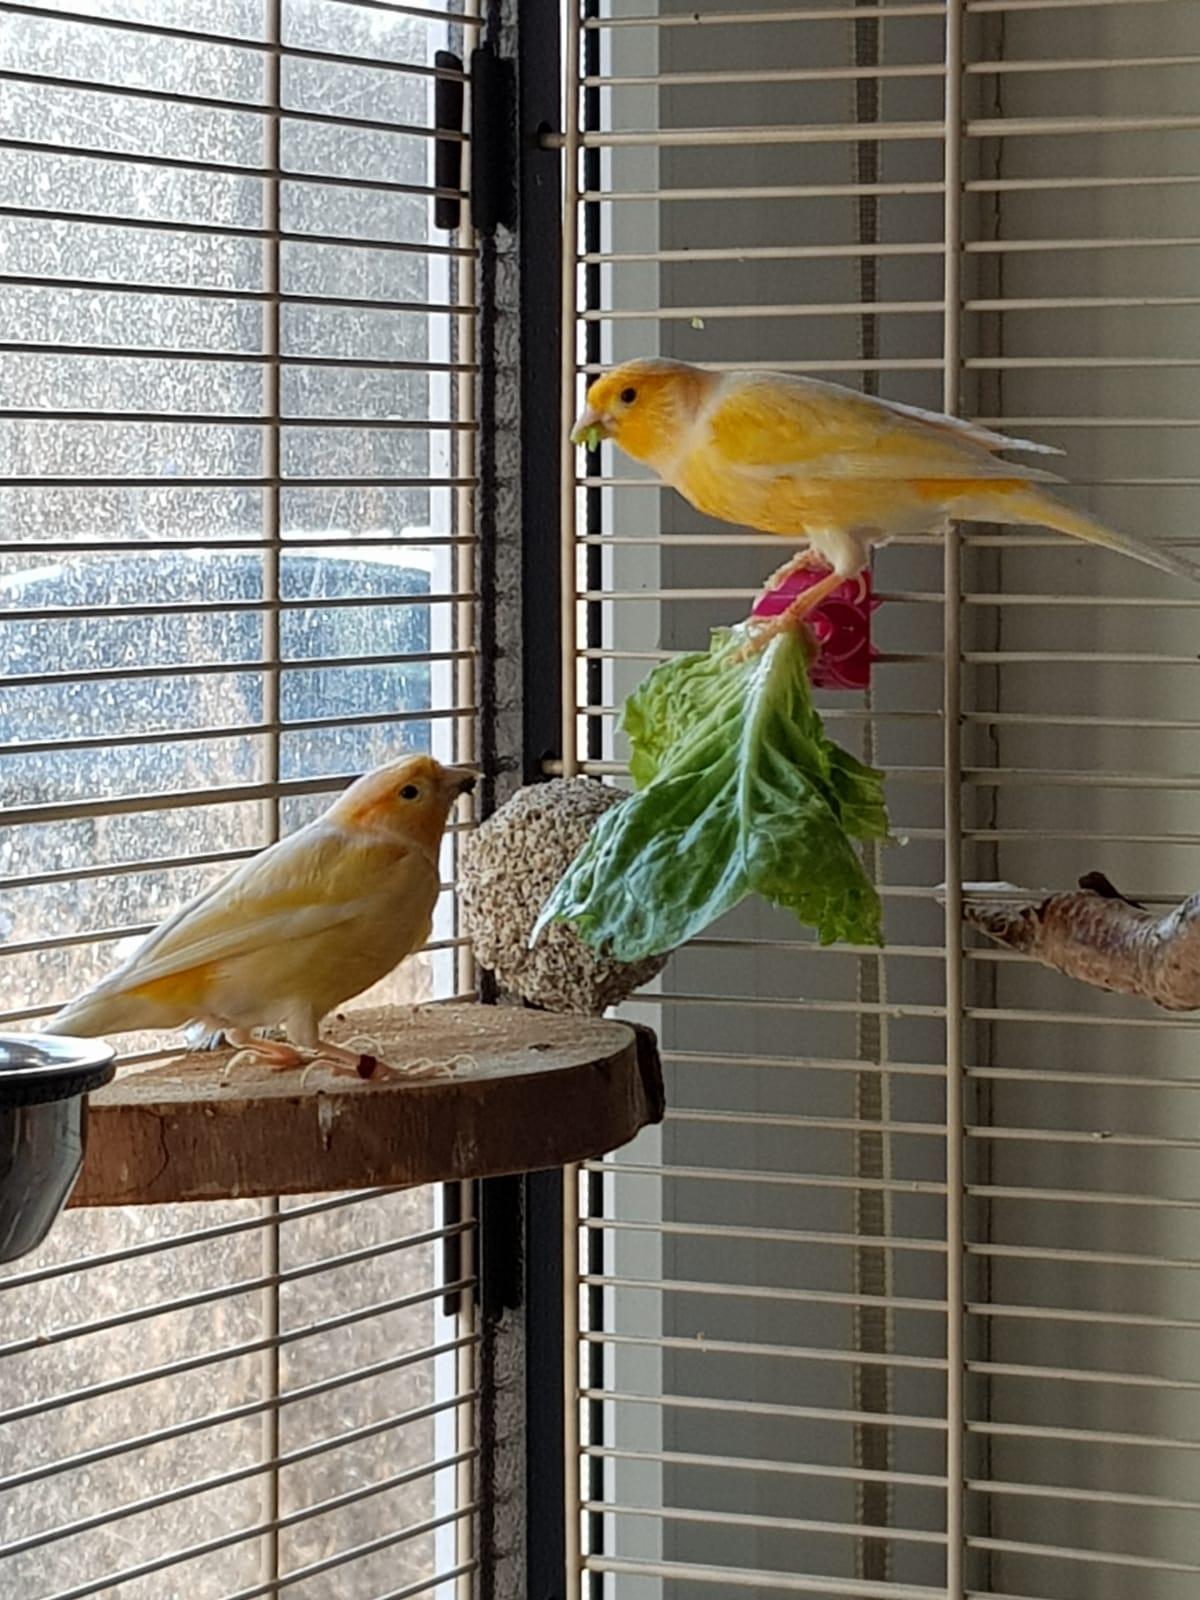 Kanrienvögel-zur-Vermitttlung-20200127